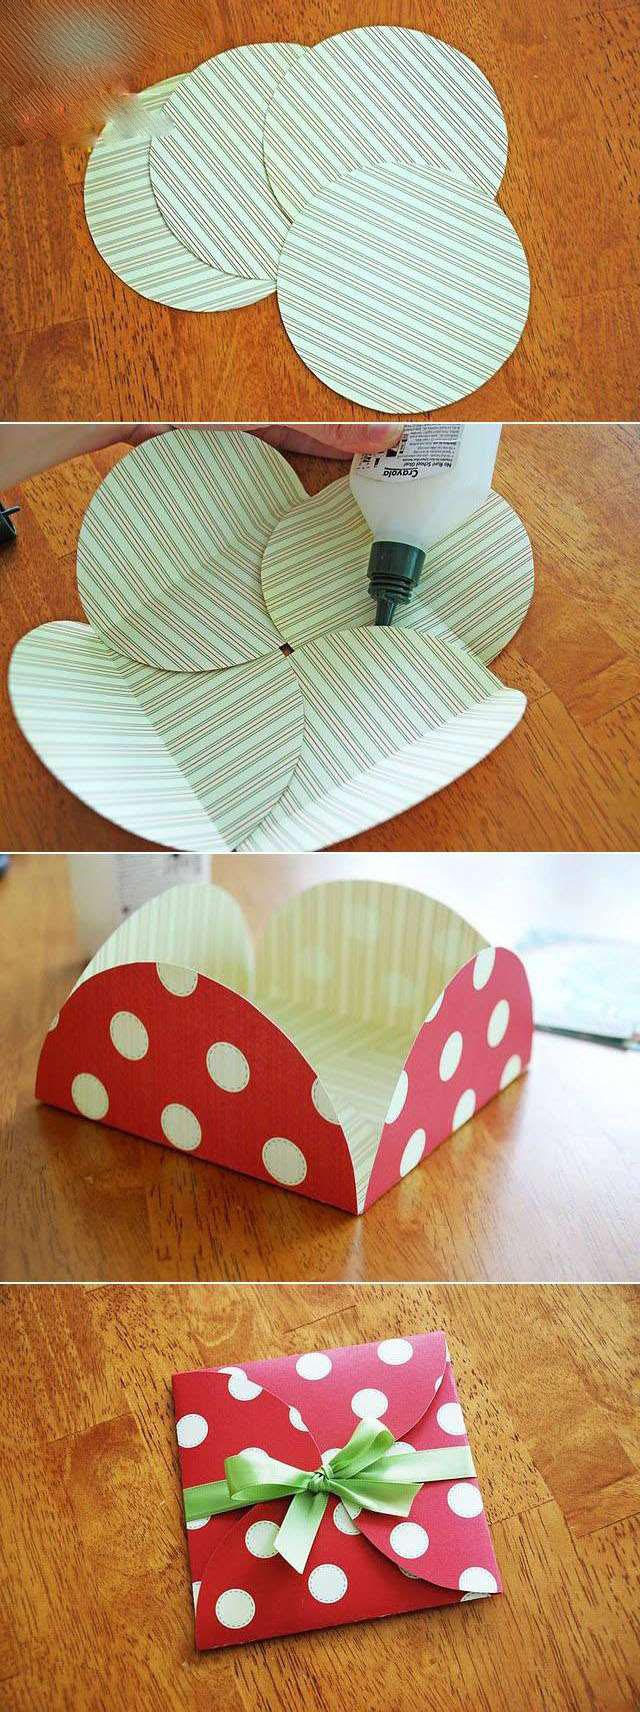 به راحتی پاکت هدیه بسیار شیک و متفاوت درست کنید